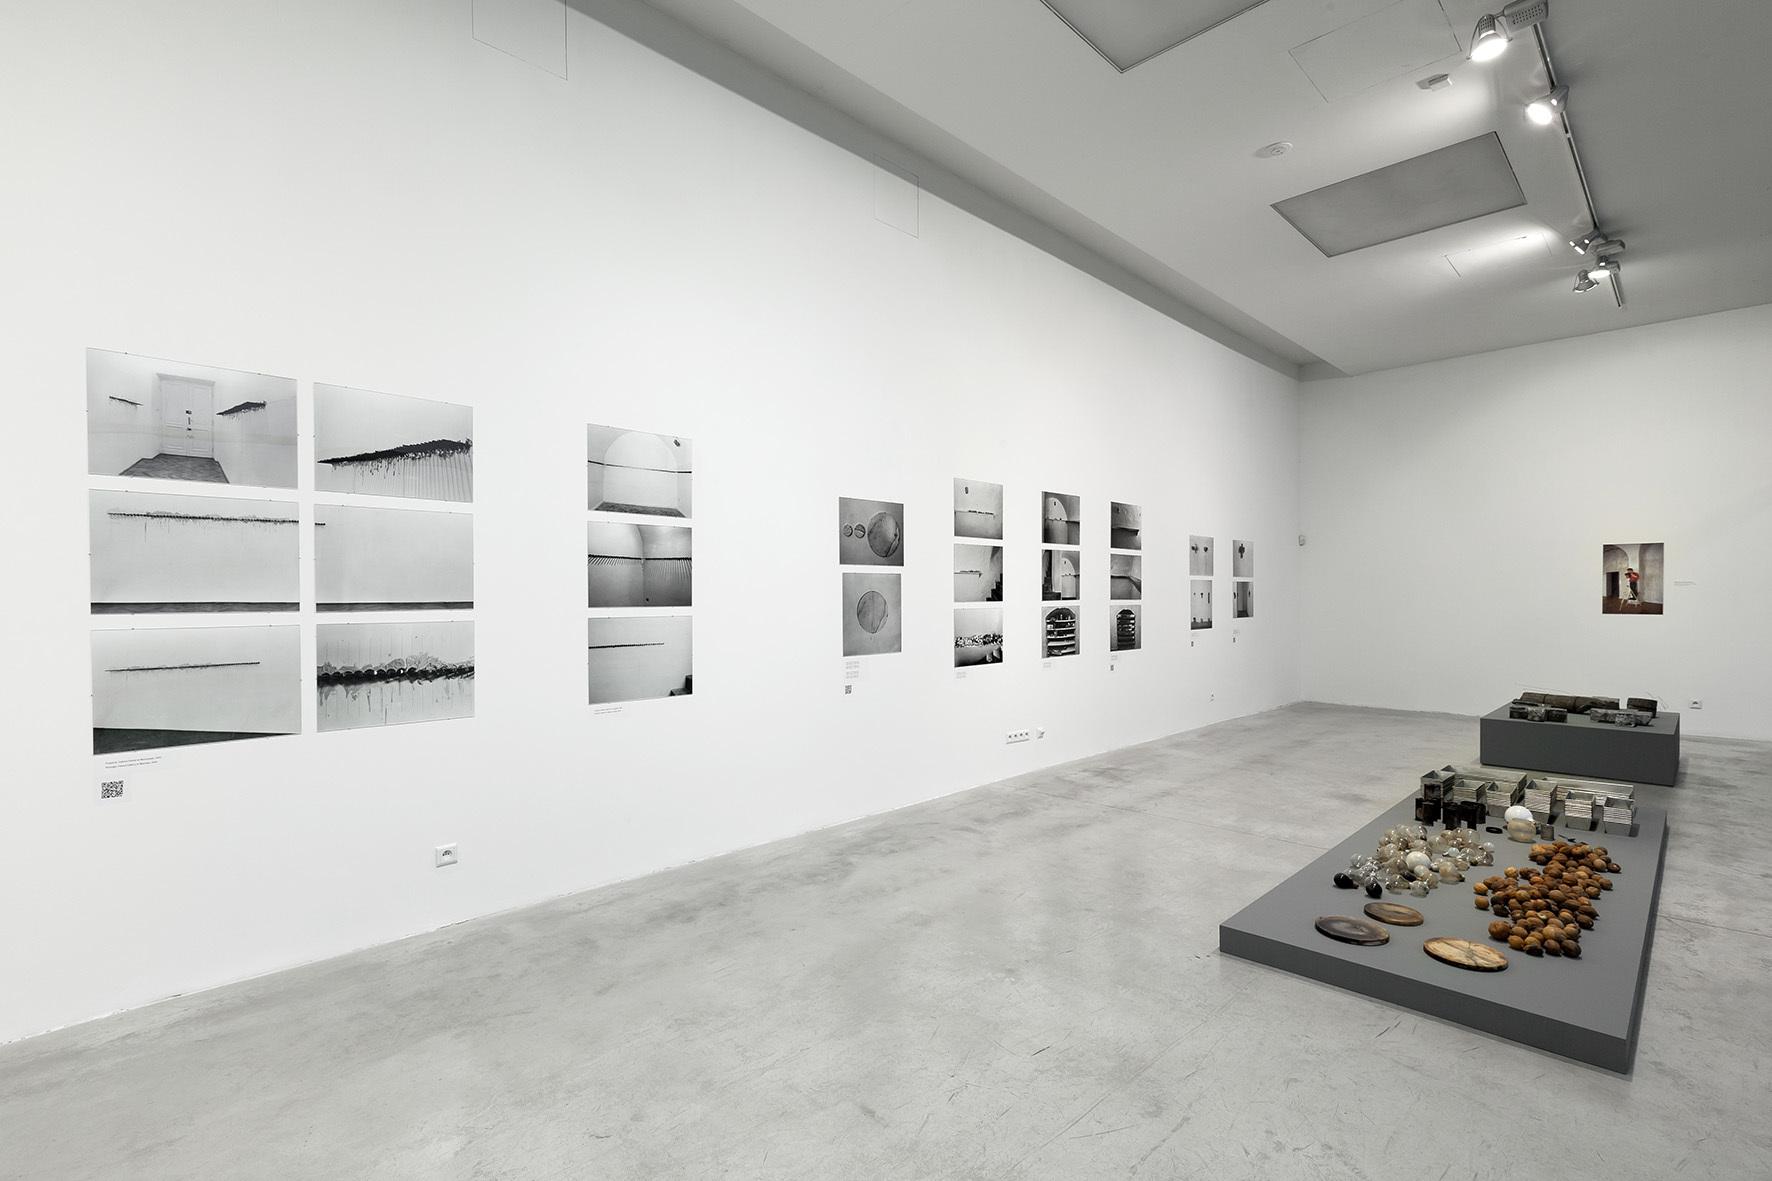 Mikołaj Smoczyński, Przedmiot, przestrzeń, fotografia, Muzeum Sztuki Współczesnej wKrakowie MOCAK